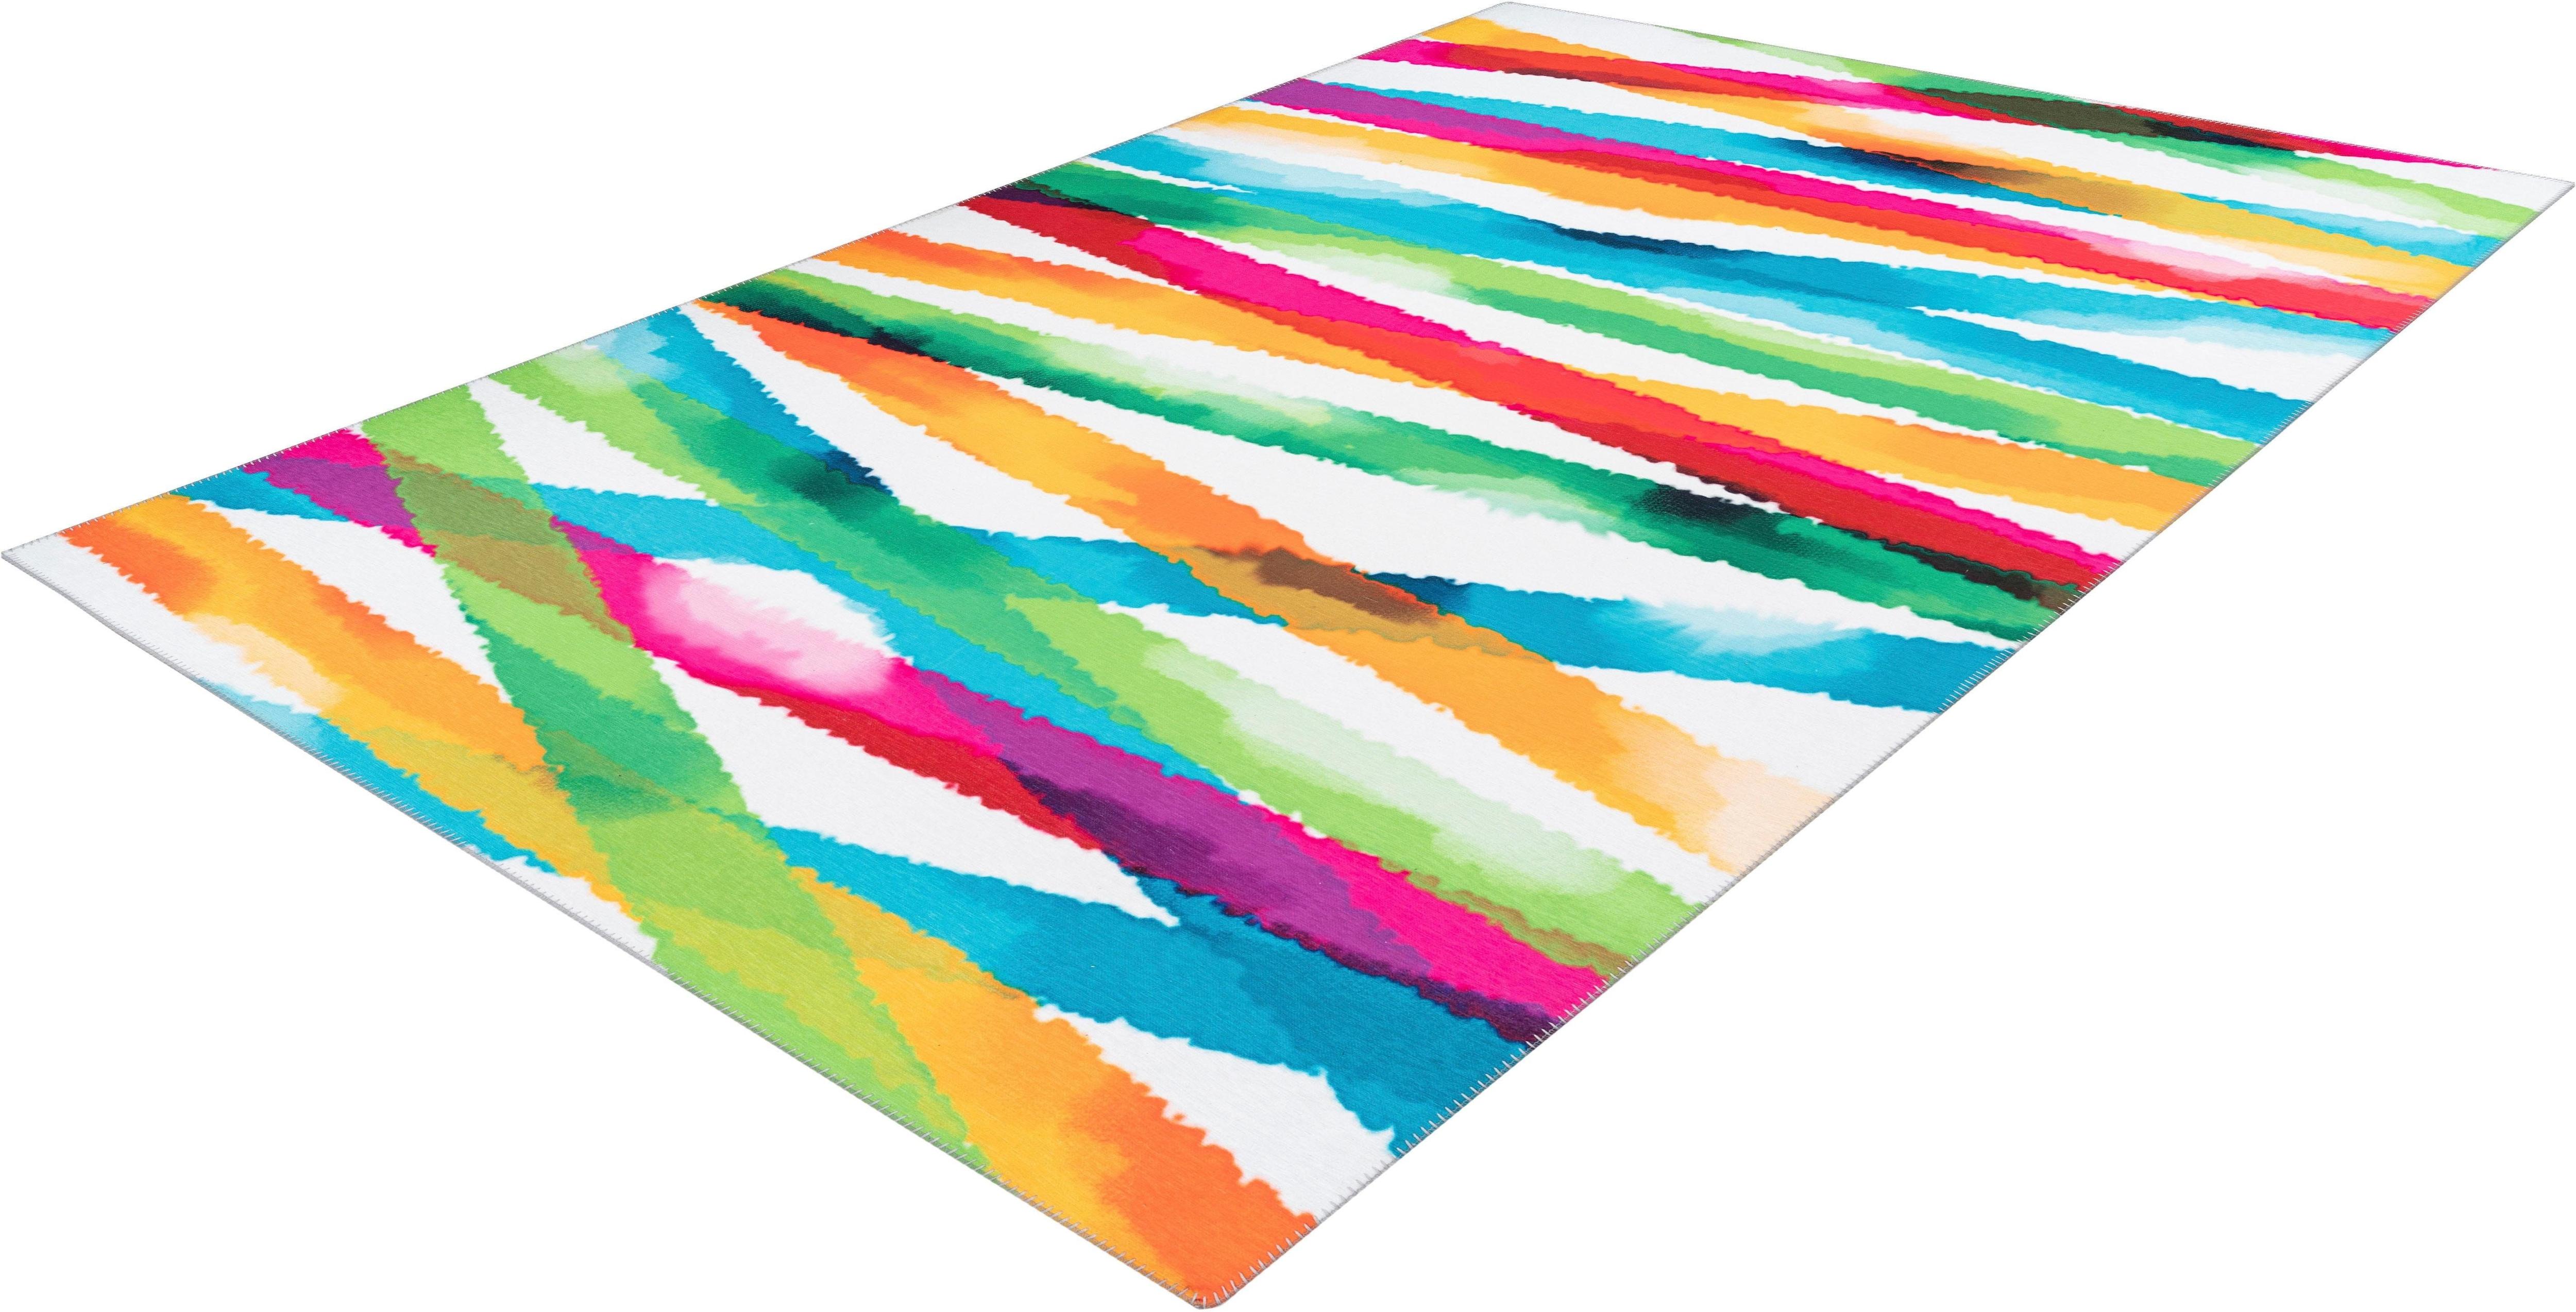 Teppich Castor 800 calo-deluxe rechteckig Höhe 6 mm maschinell gewebt